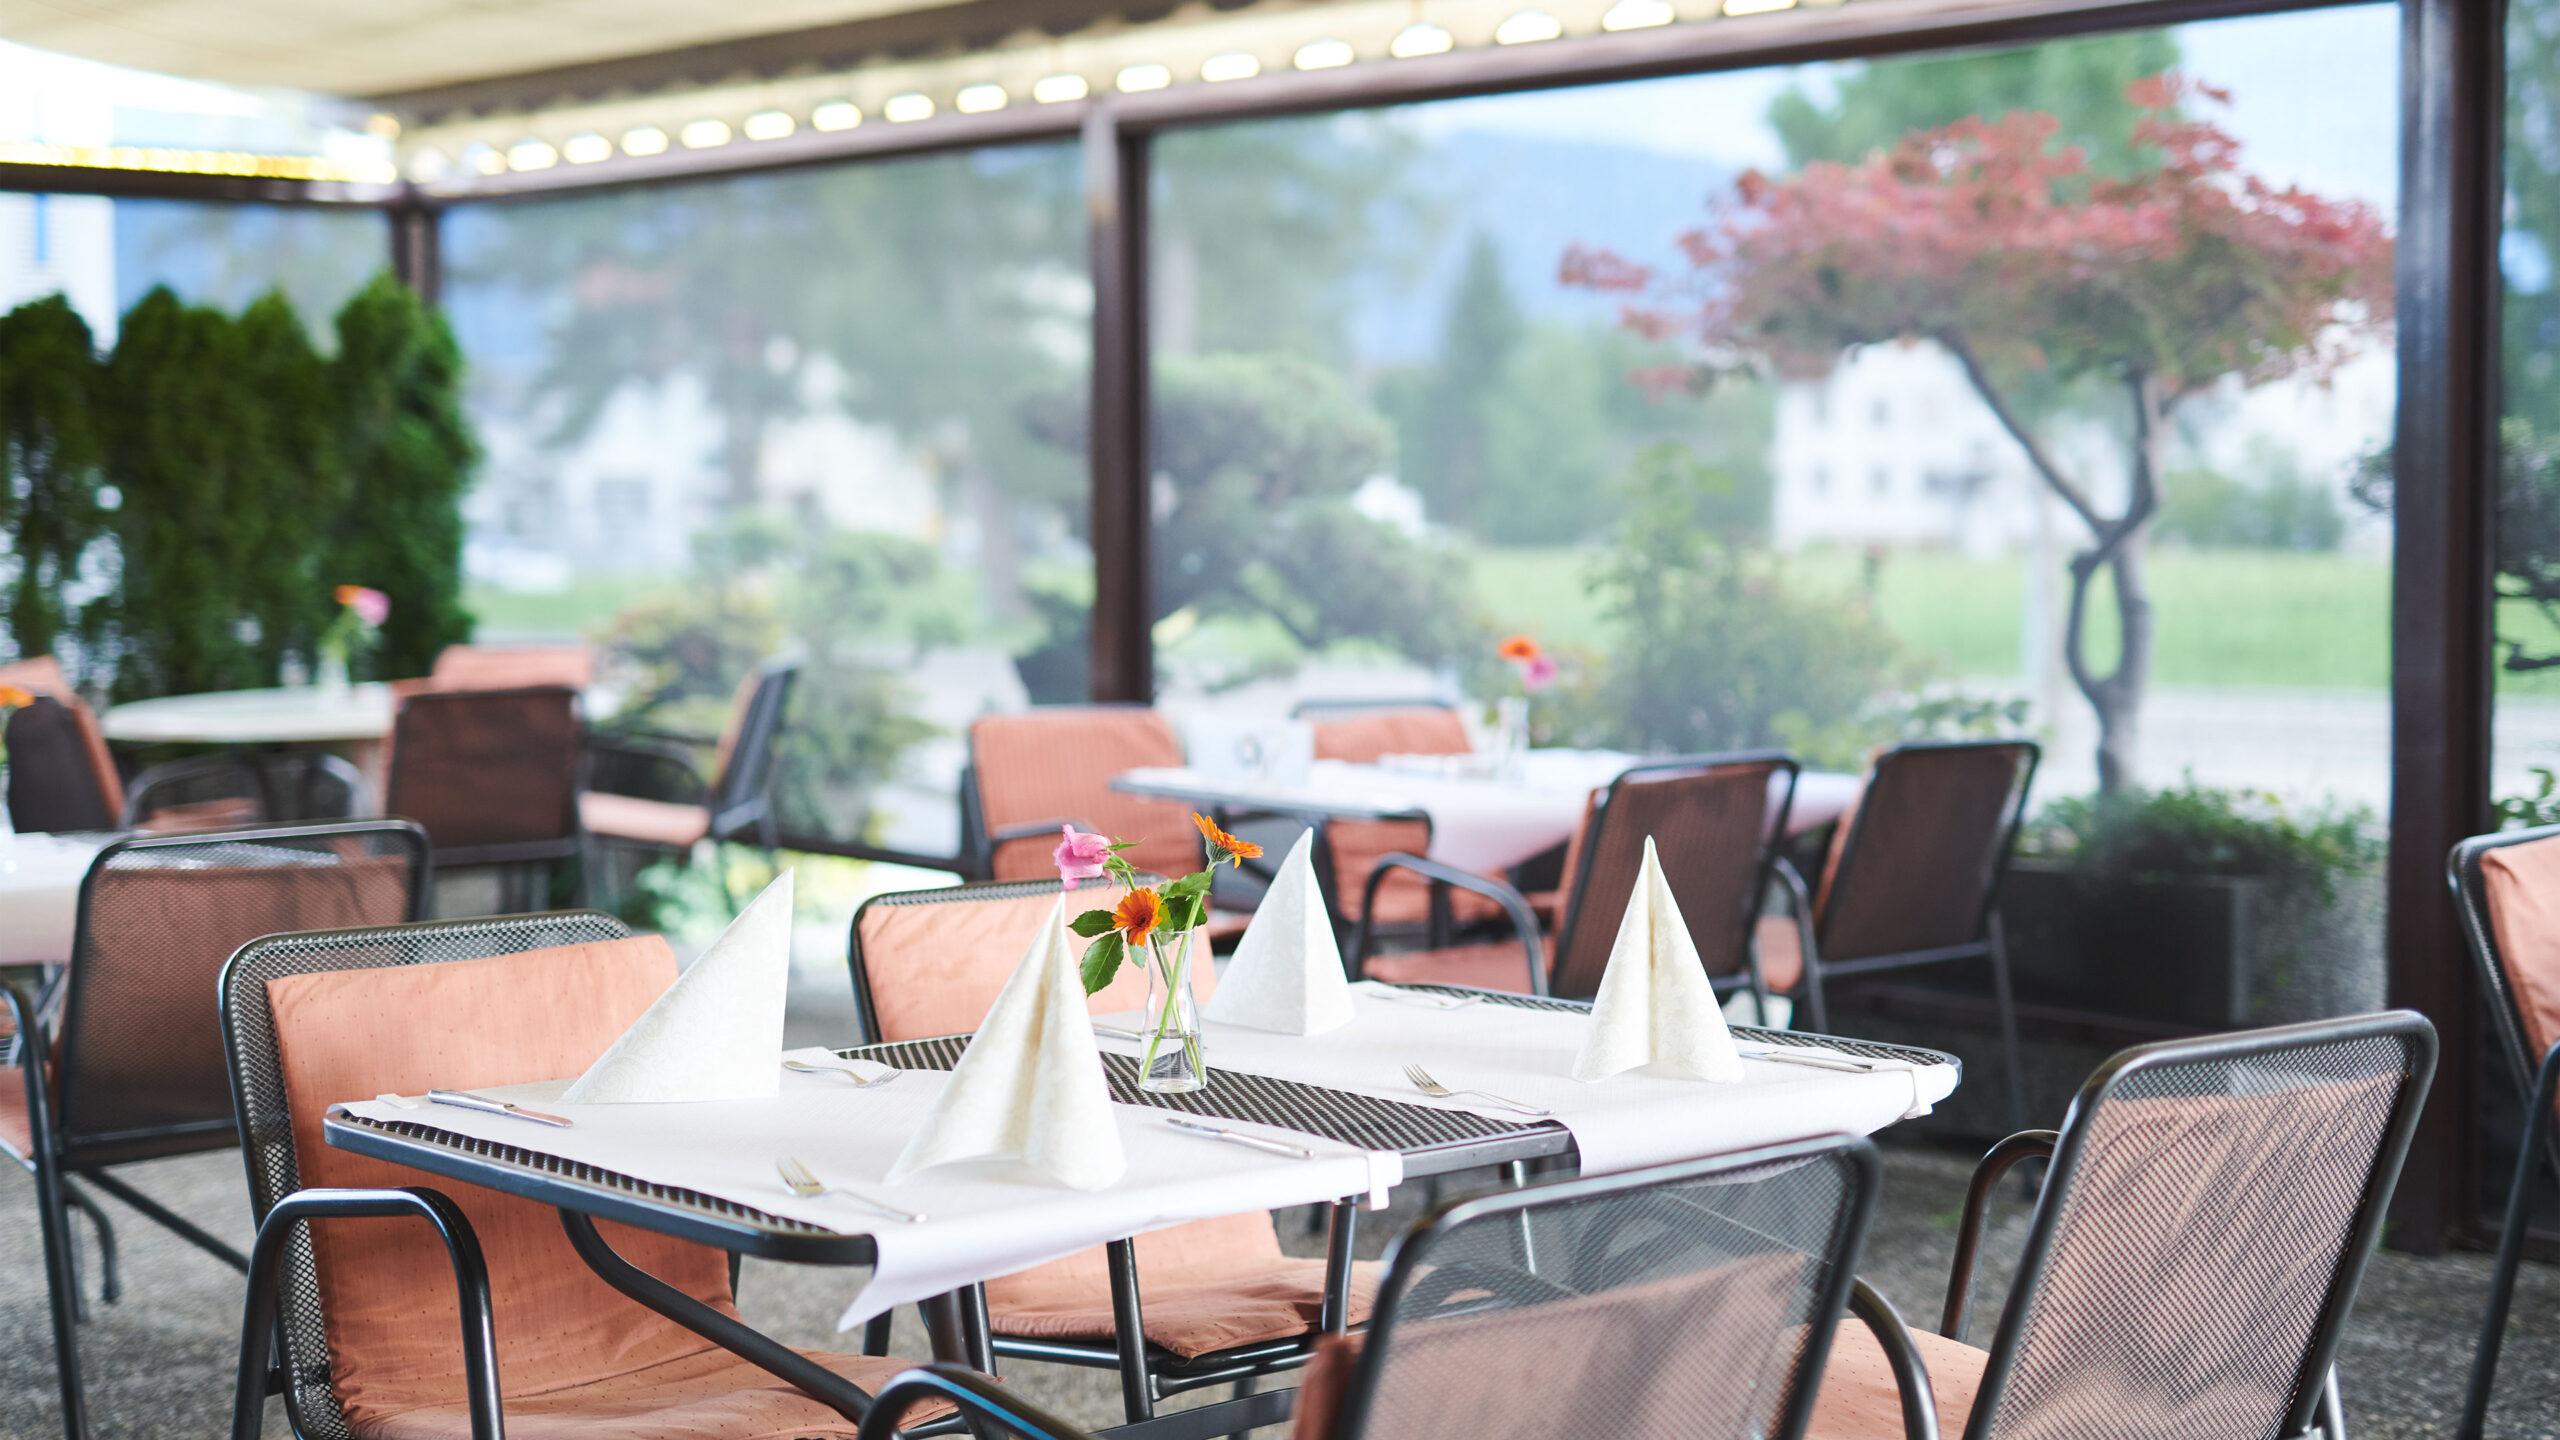 Restaurant-Schiffli-Diepoldsau-200905-PHK0153_eciRGB_v2-3840x2160